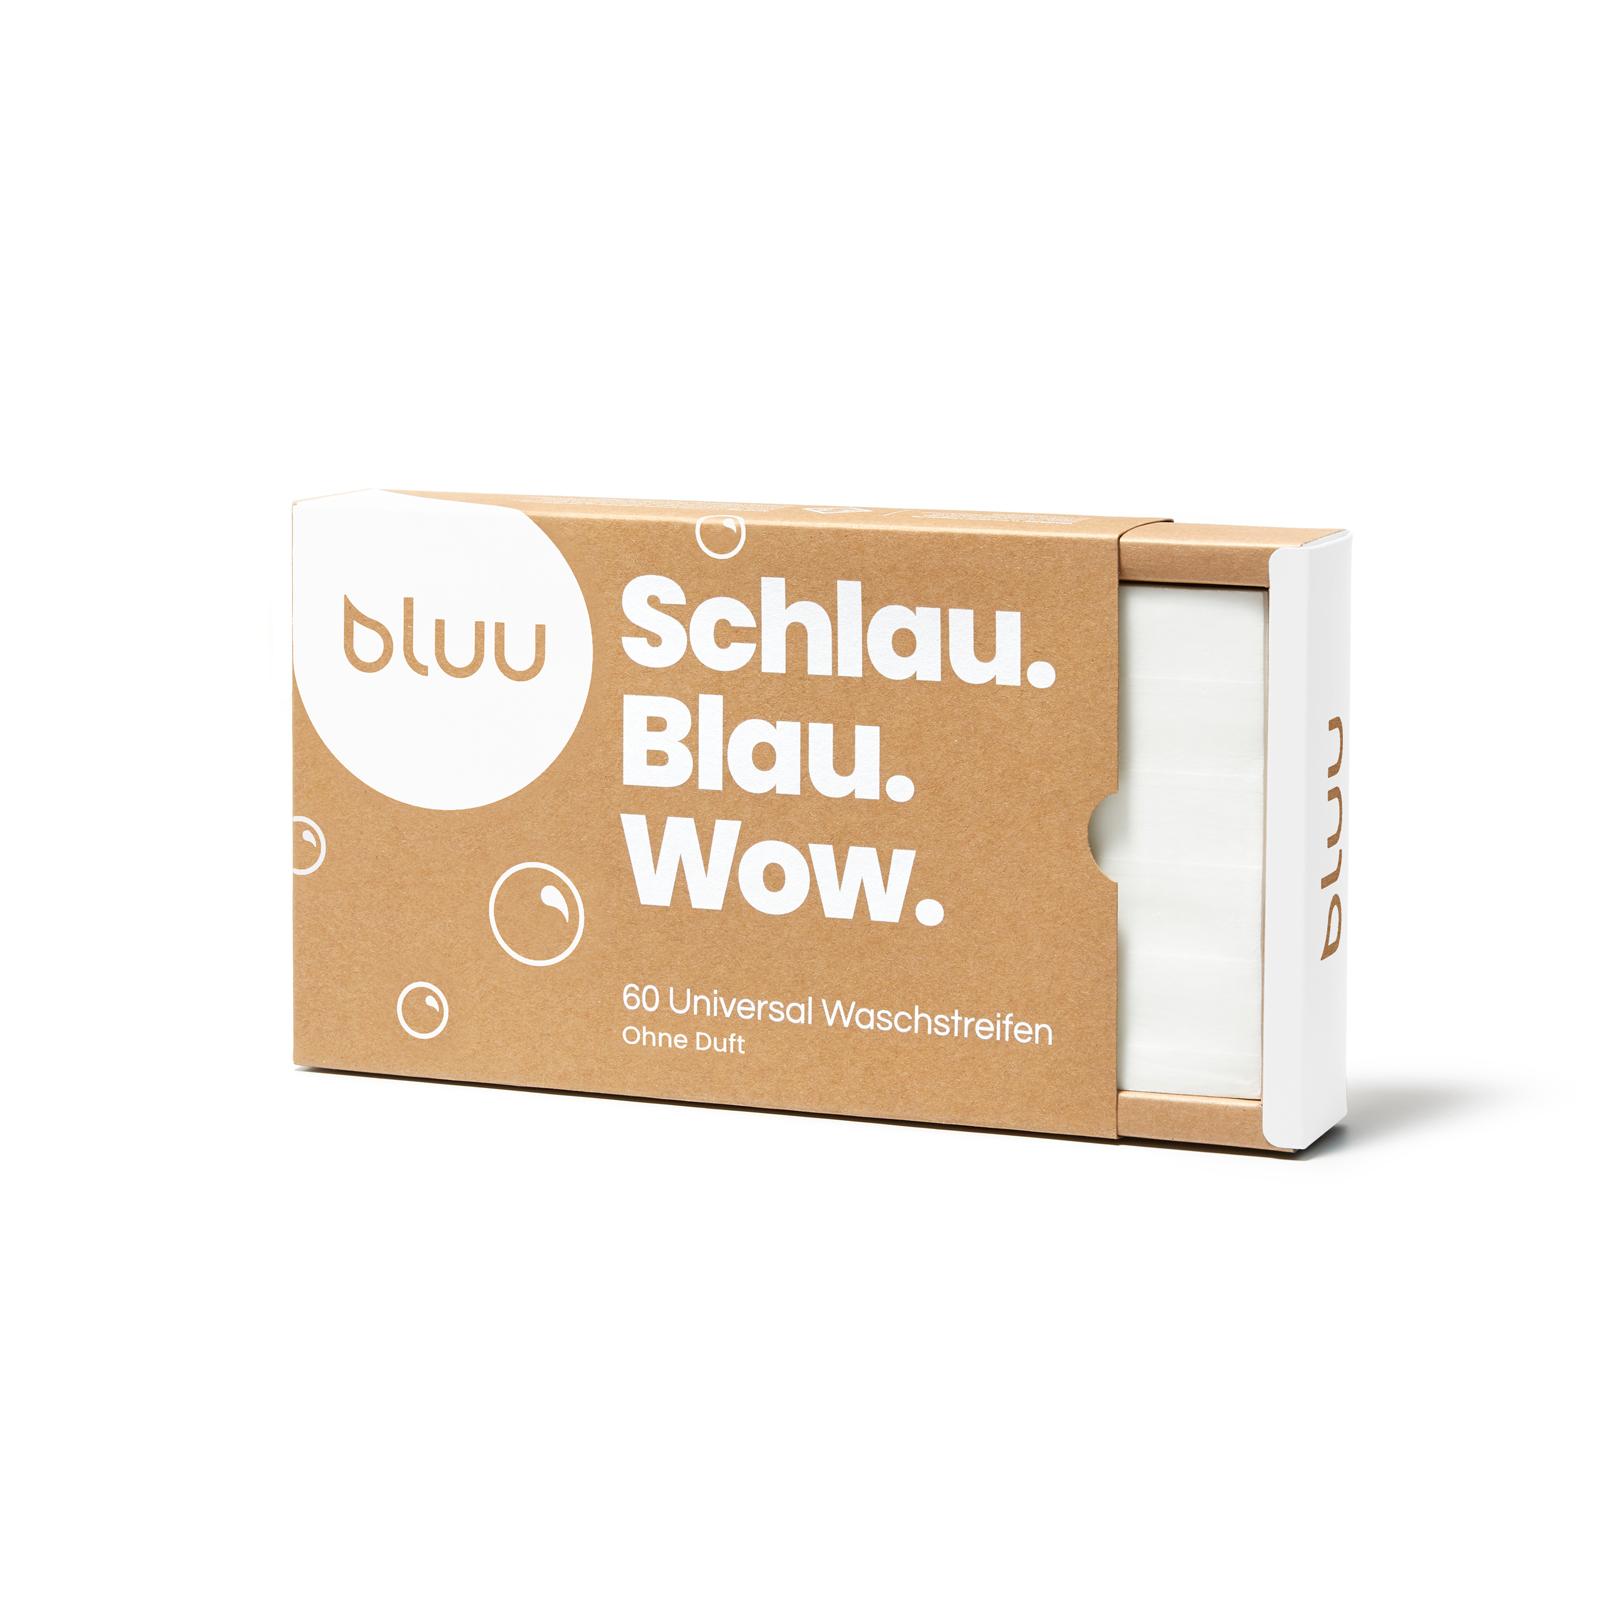 bluu Universal Waschstreifen - Ohne Duft 60 Stk.